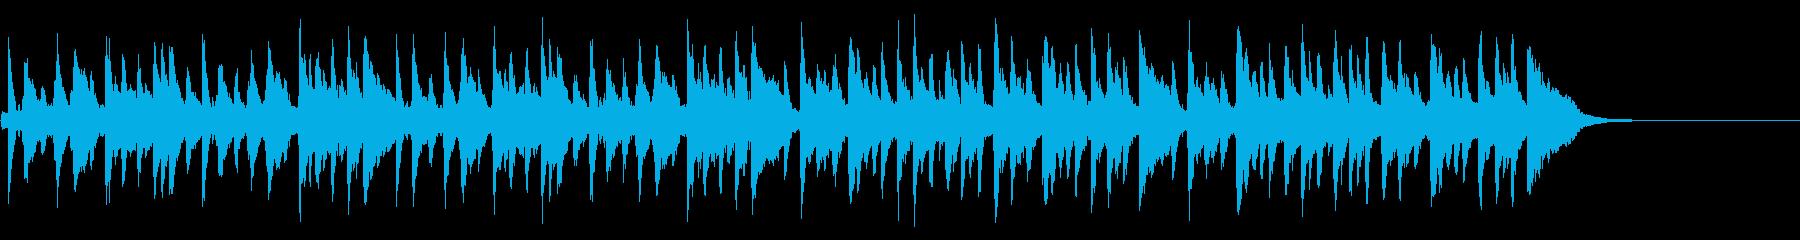 最初のワルツ集26番(シューベルト作曲)の再生済みの波形